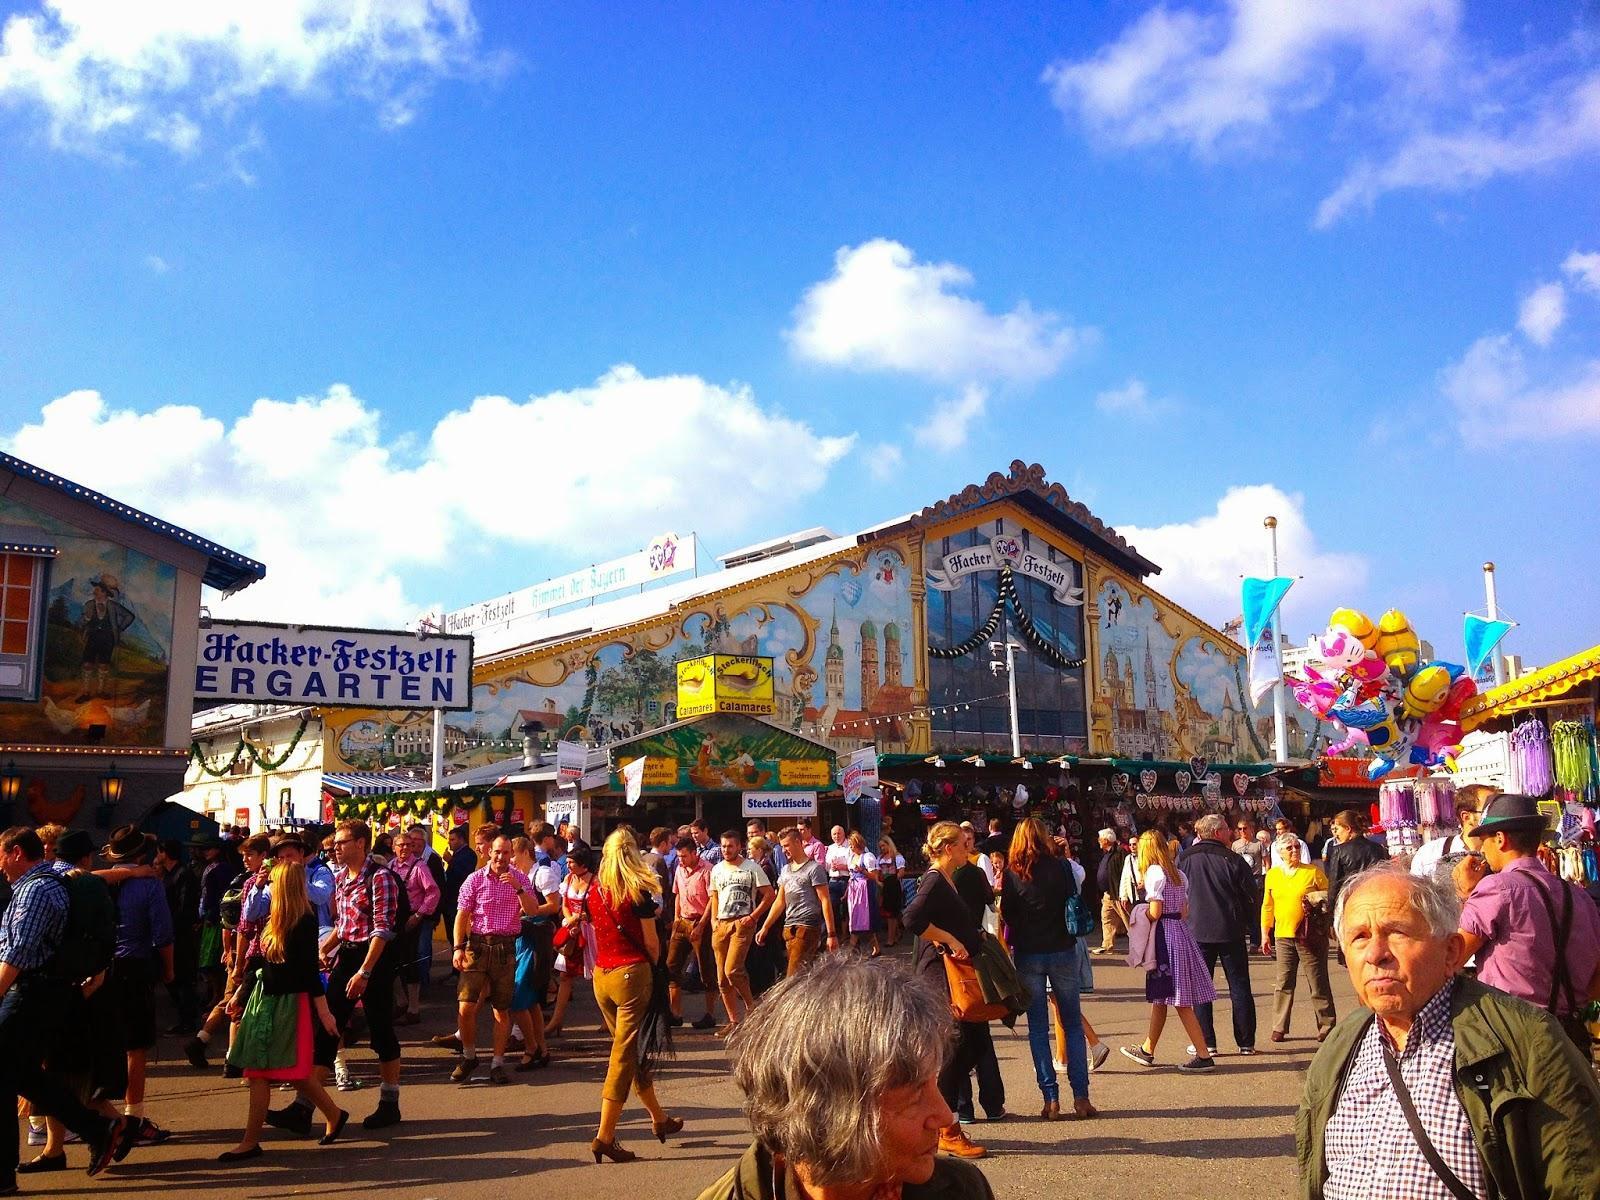 Hacker Festzelt Oktoberfest 2014